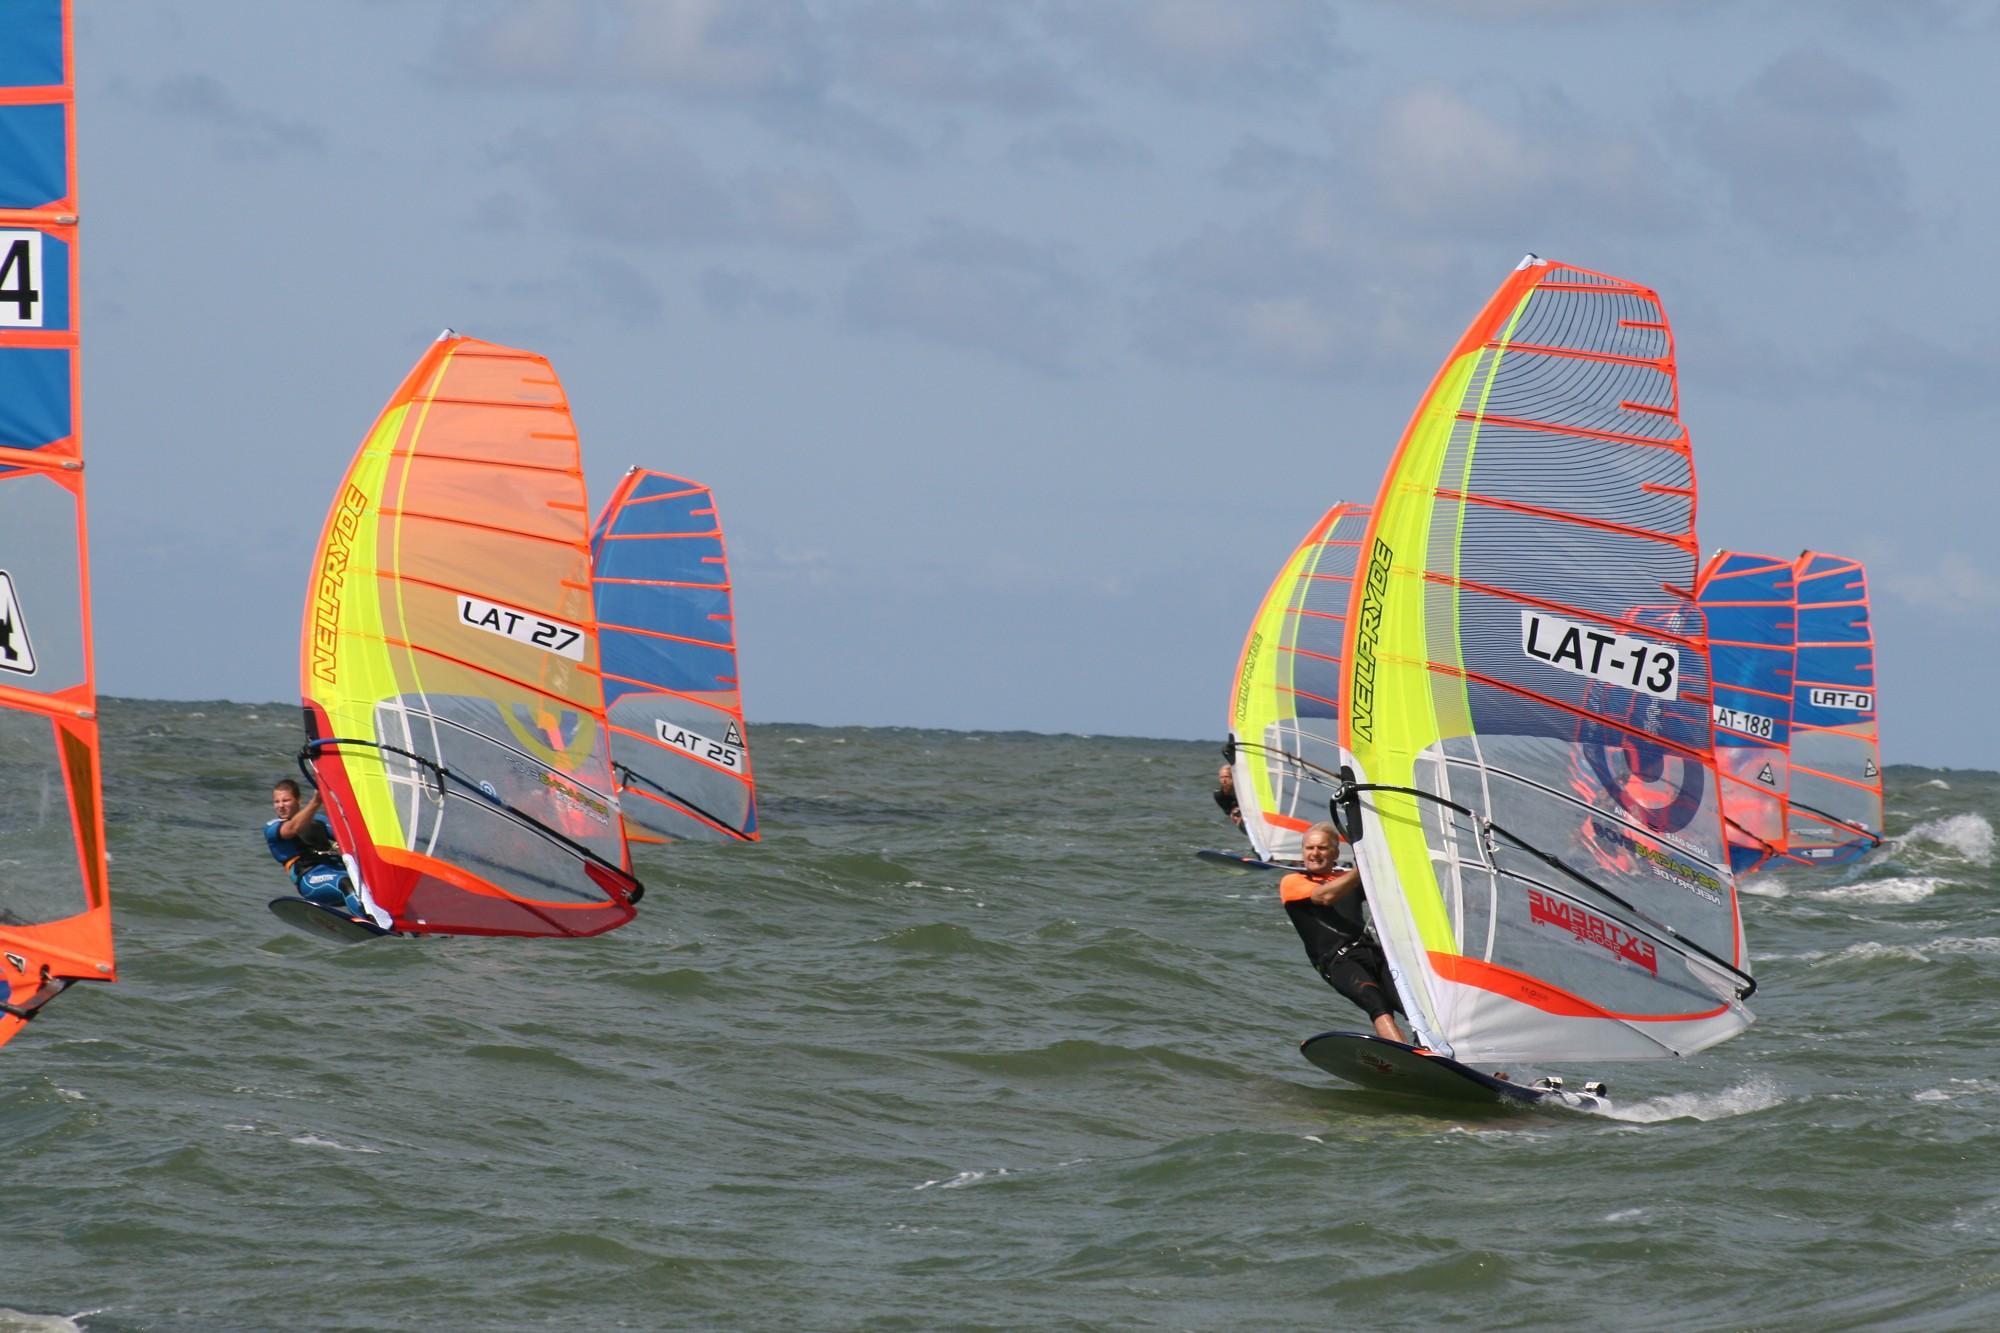 """Nākamnedēļ Liepājā norisināsies Eiropas čempionāts vindsērfingā  """"Formula Windsurfing"""" klasē"""